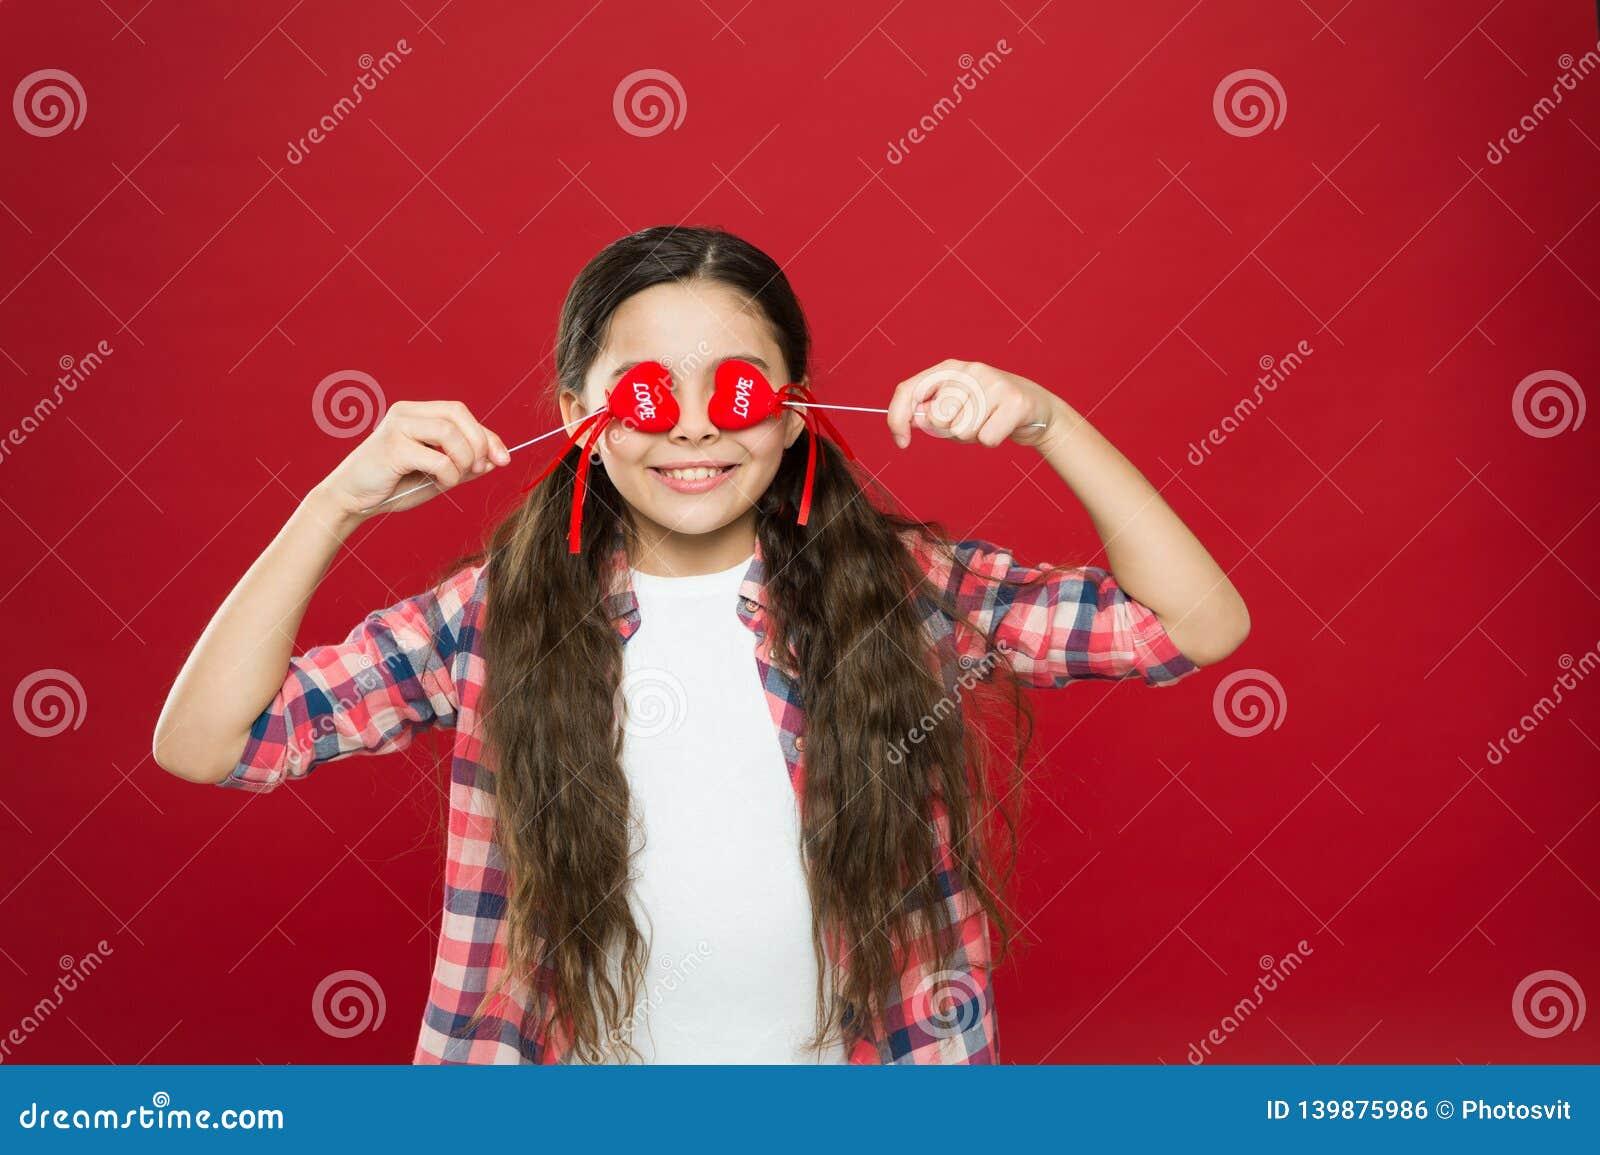 De liefde is blind Grappig meisje die ogen behandelen met harten Aanbiddelijk meisje met kleine rode harten op stokken Klein kind